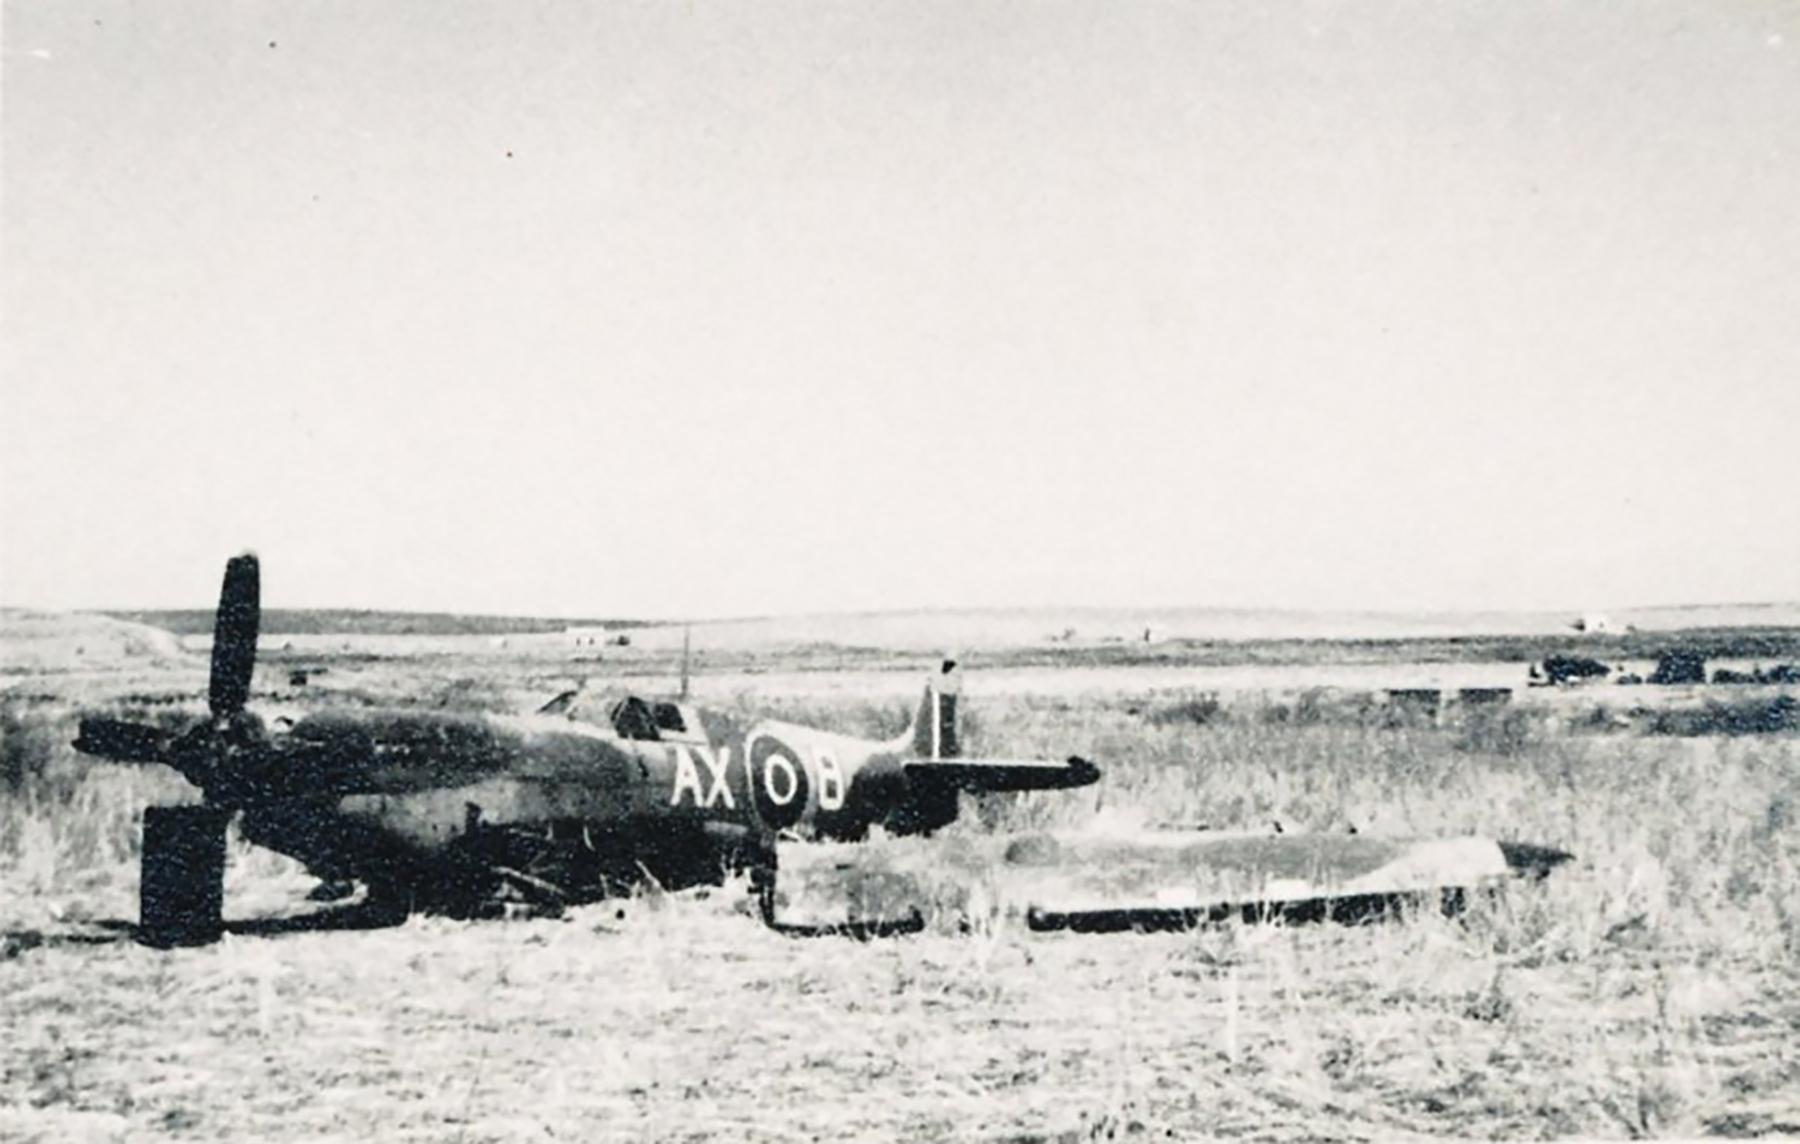 Spitfire MkIX SAAF 1Sqn AX8 Robbie Robinson EN286 Luqa Malta Jun 1943 07